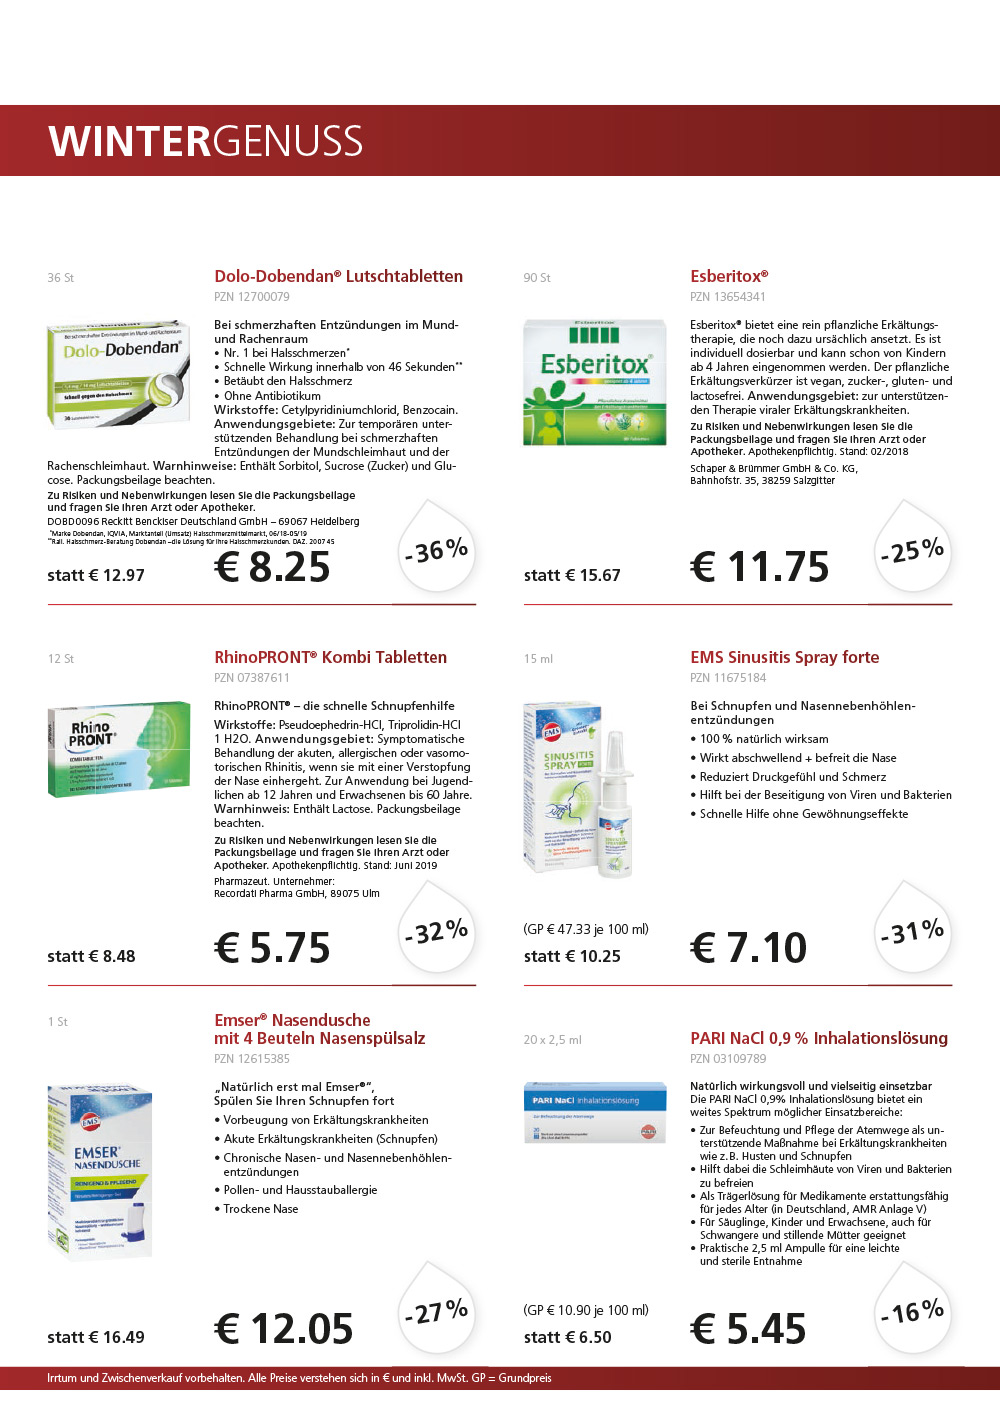 http://www.apotheken.de/fileadmin/clubarea/00000-Angebote/38446_9109_baeren_angebot_3.jpg